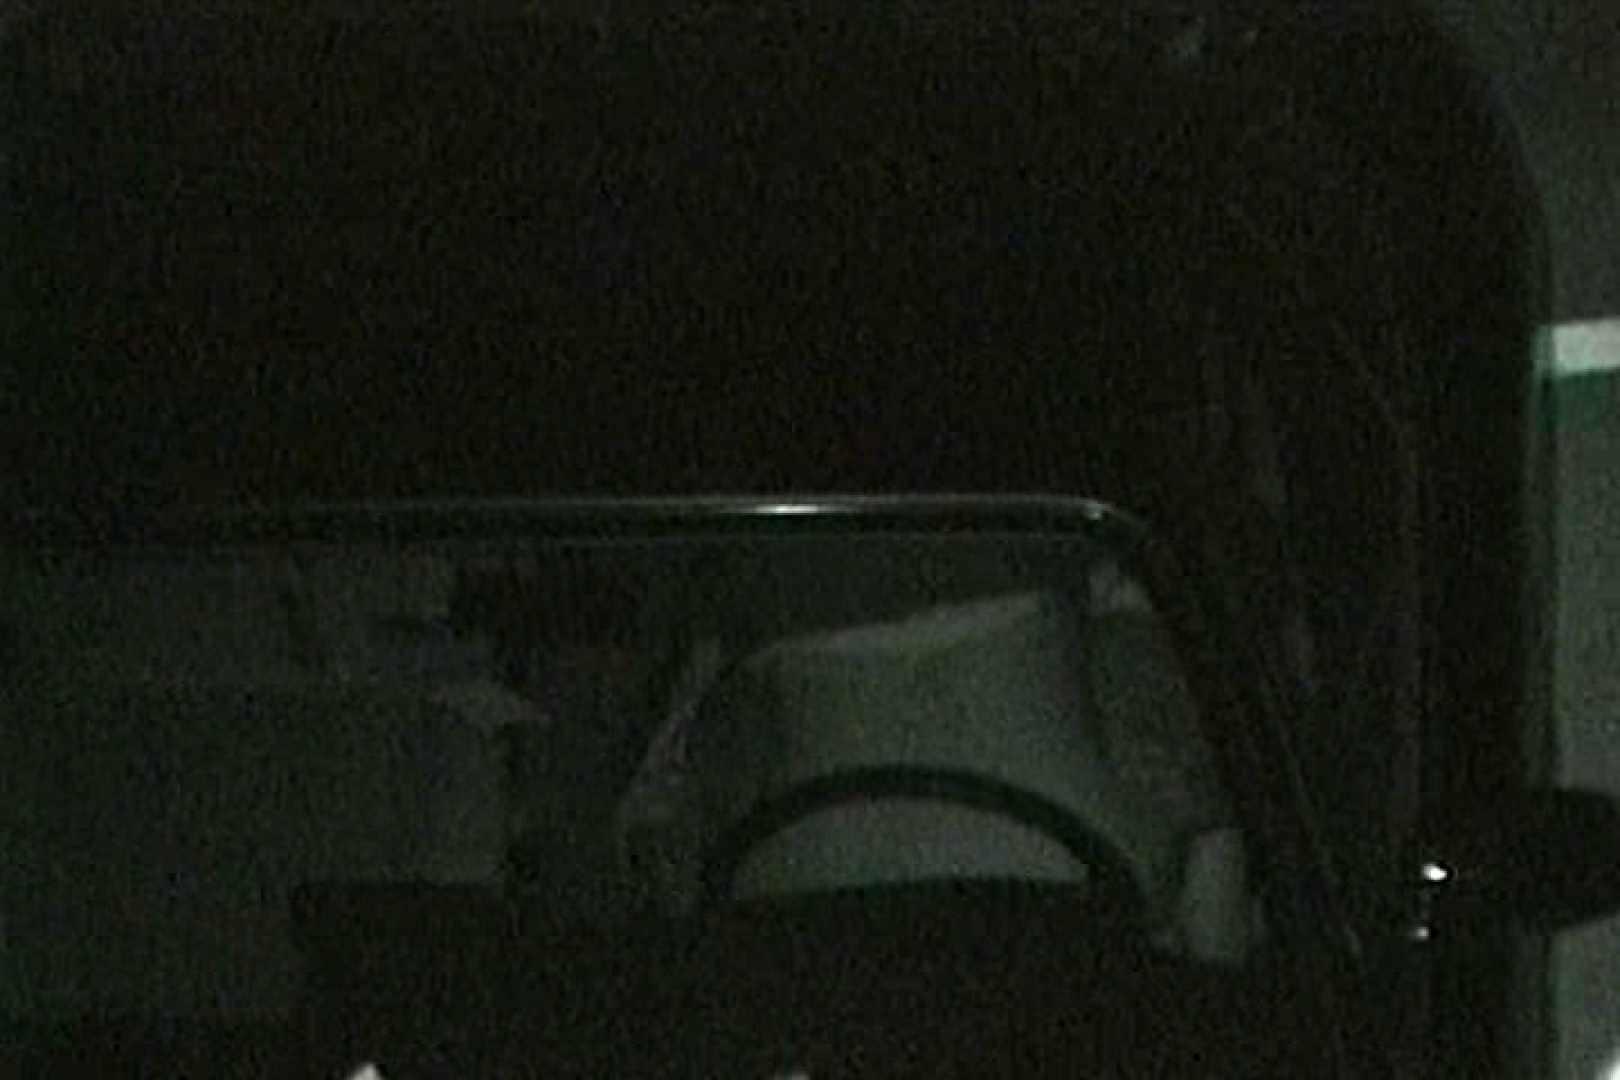 車の中はラブホテル 無修正版  Vol.8 車でエッチ | カーセックス  102PIX 73